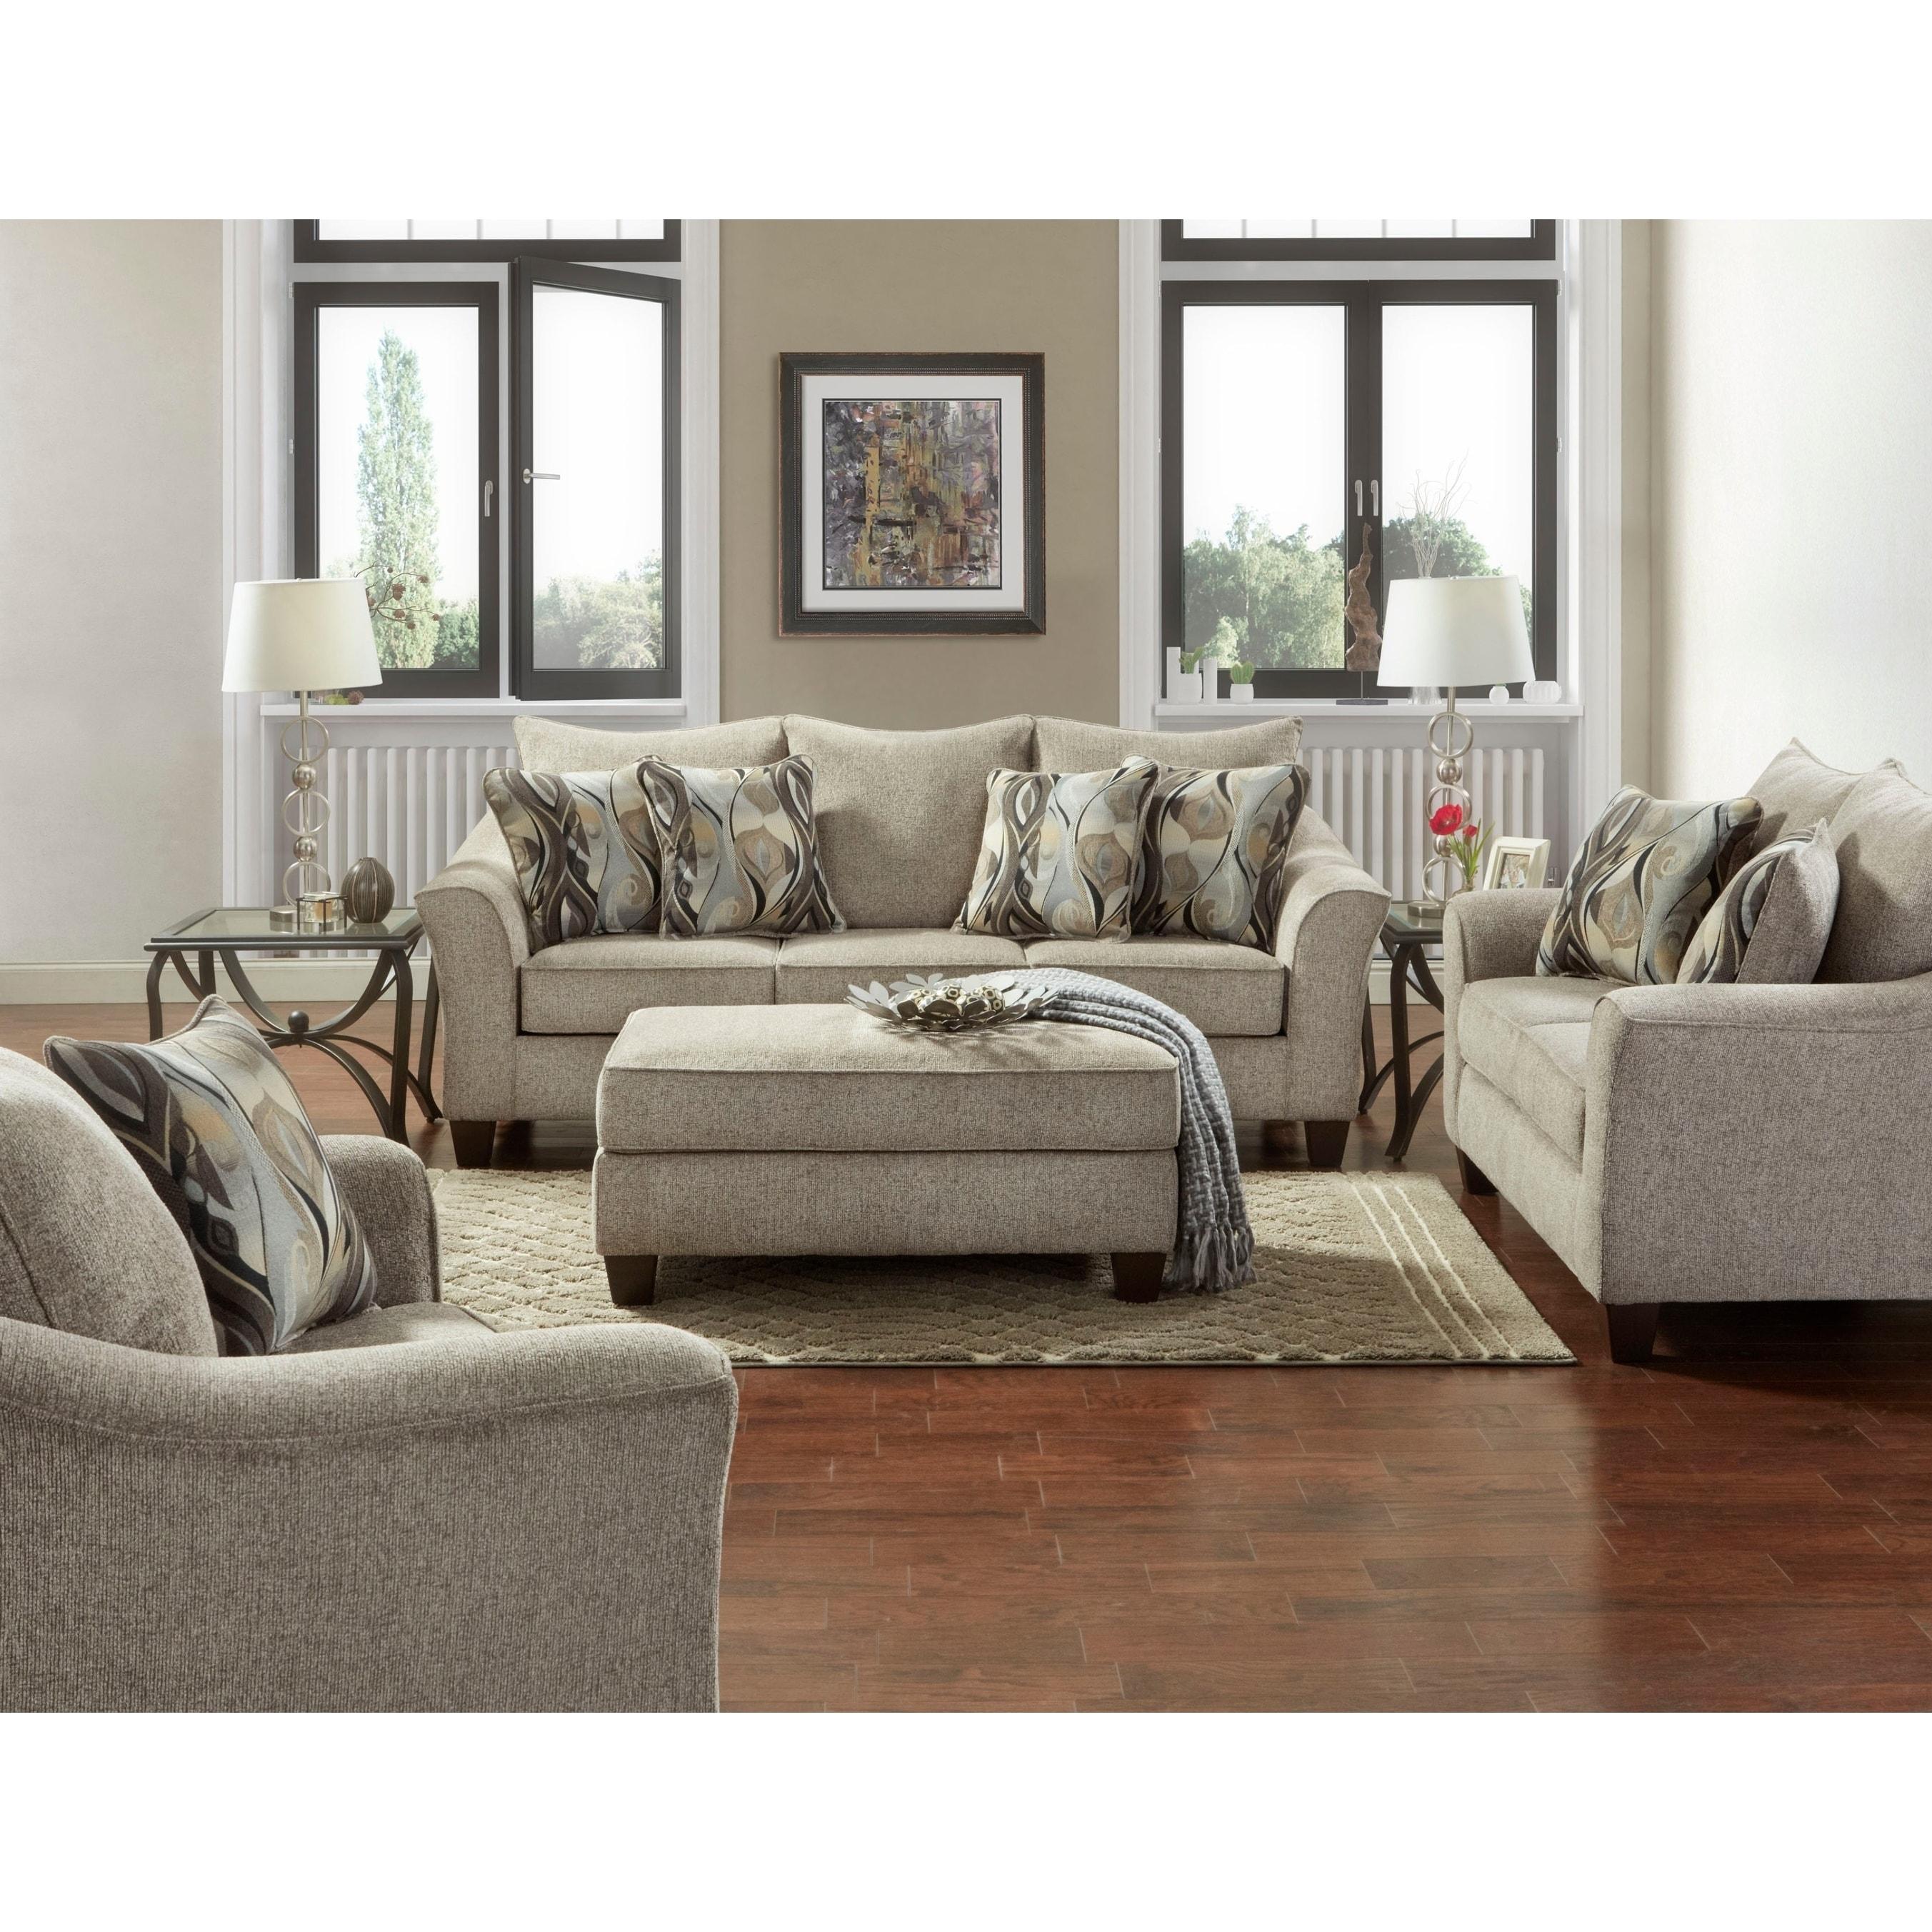 Camero fabric 4 piece living room set